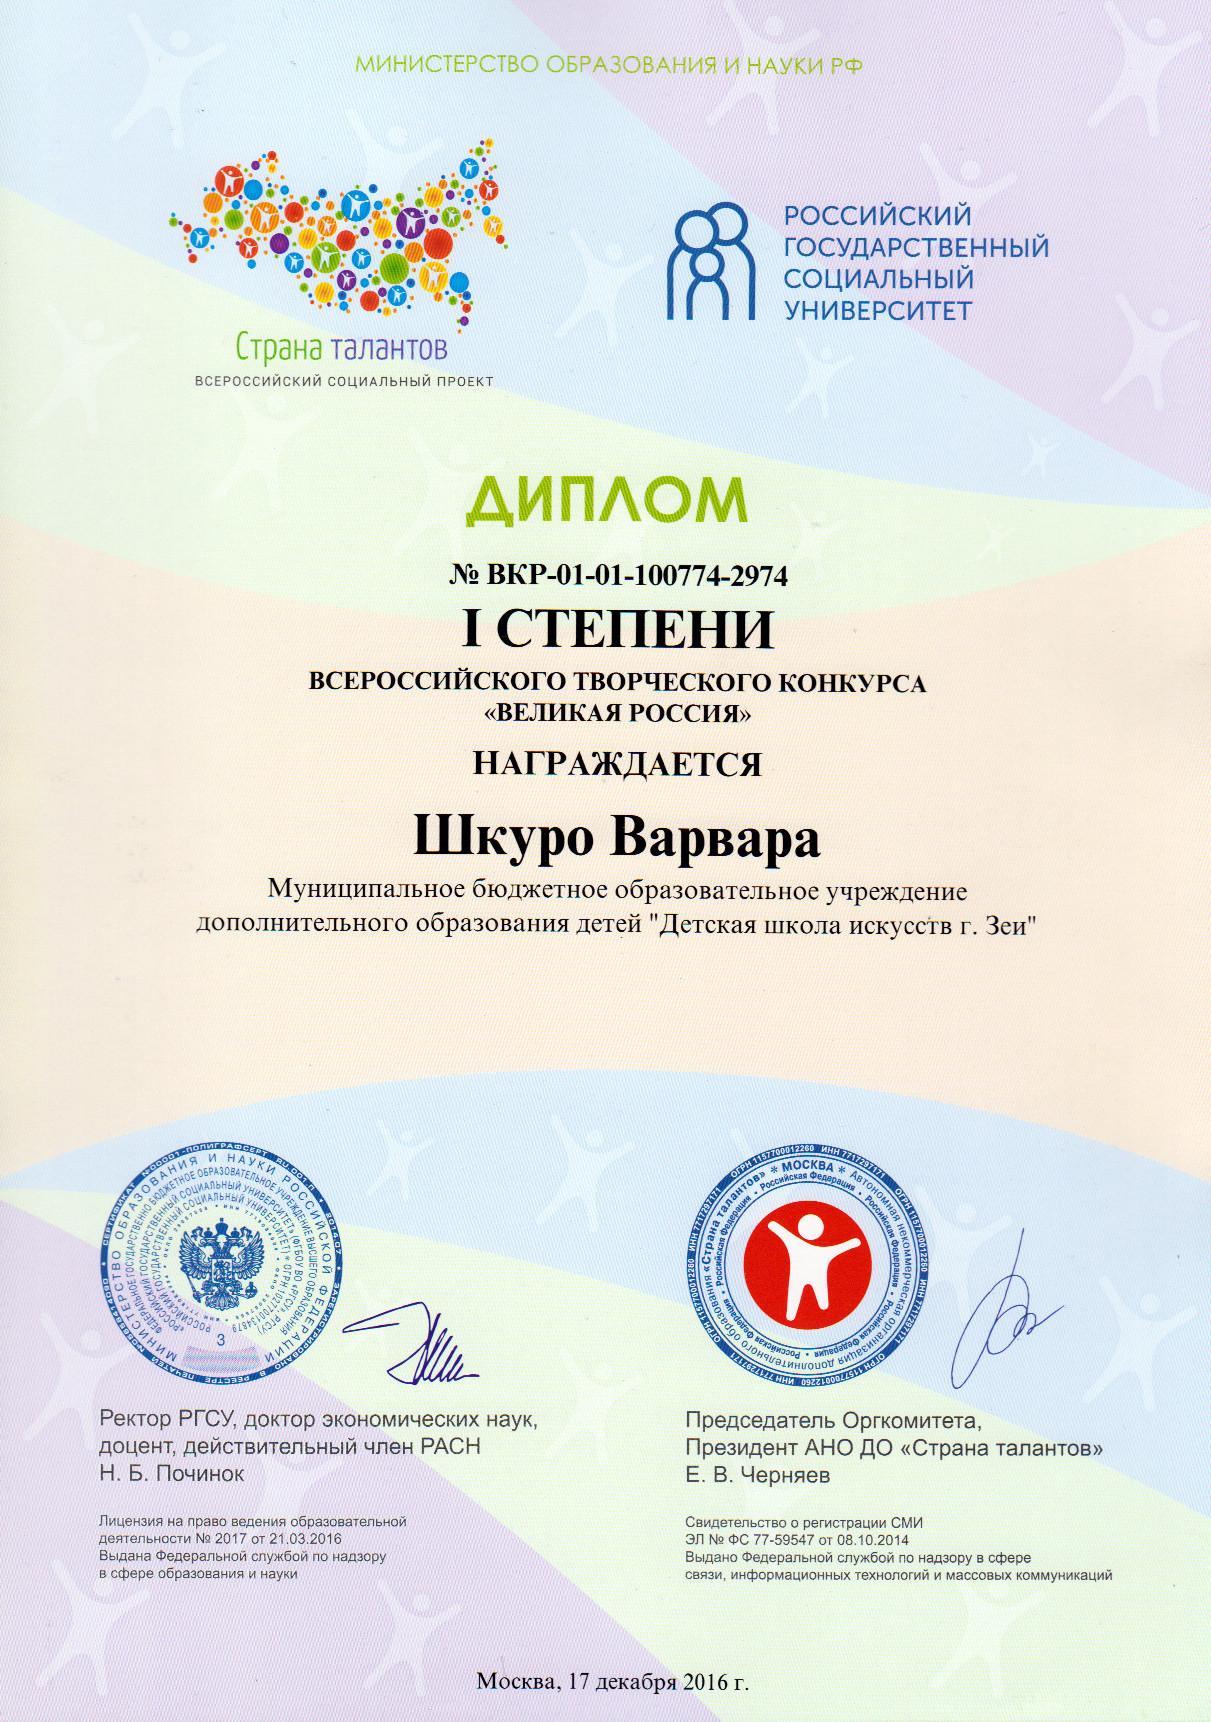 Творческий конкурс Великая Россия